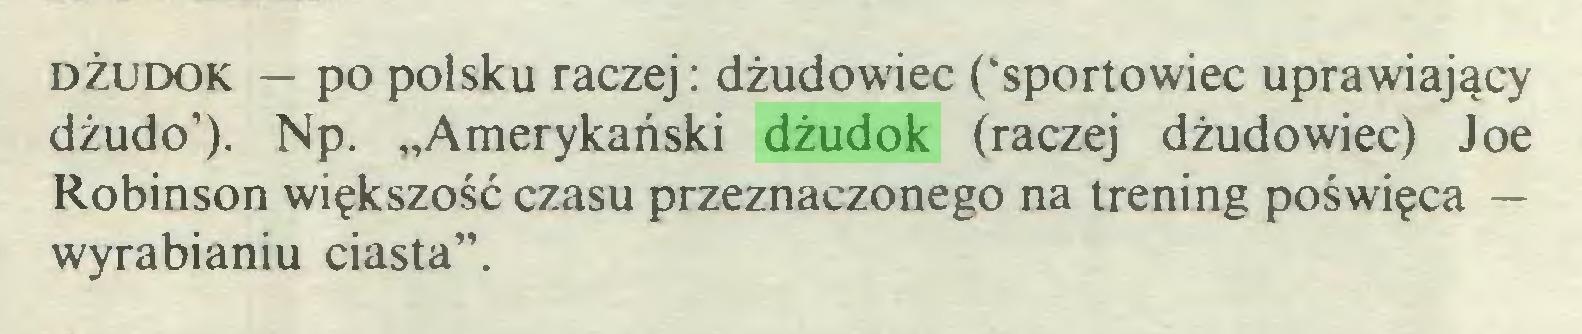 """(...) dżudok — po polsku raczej: dżudowiec ('sportowiec uprawiający dżudo'). Np. """"Amerykański dżudok (raczej dżudowiec) Joe Robinson większość czasu przeznaczonego na trening poświęca — wyrabianiu ciasta""""..."""